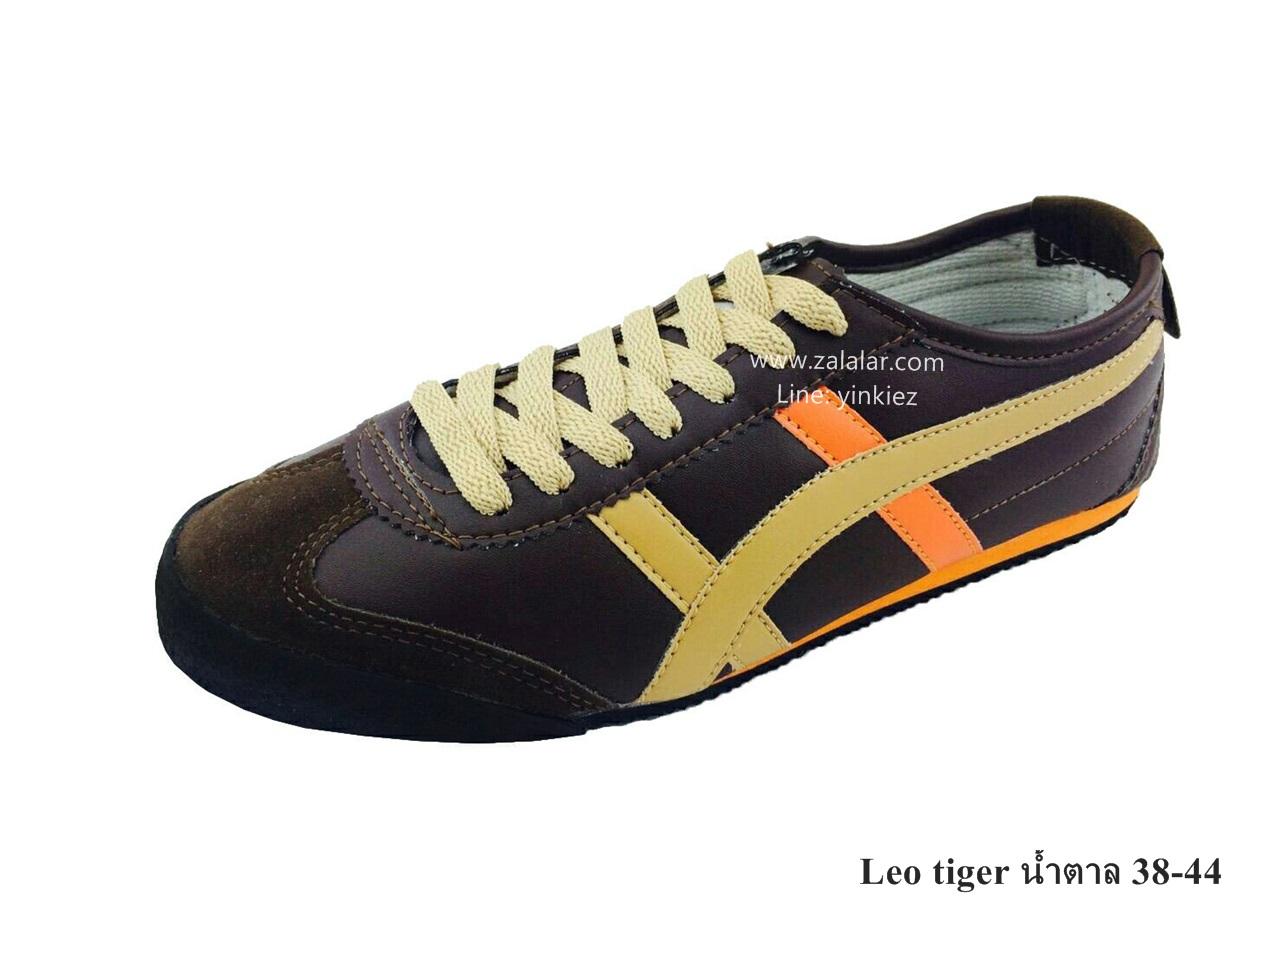 [พร้อมส่ง] รองเท้าผ้าใบแฟชั่น รุ่น Leo tiger สีน้ำตาล แบบหนัง